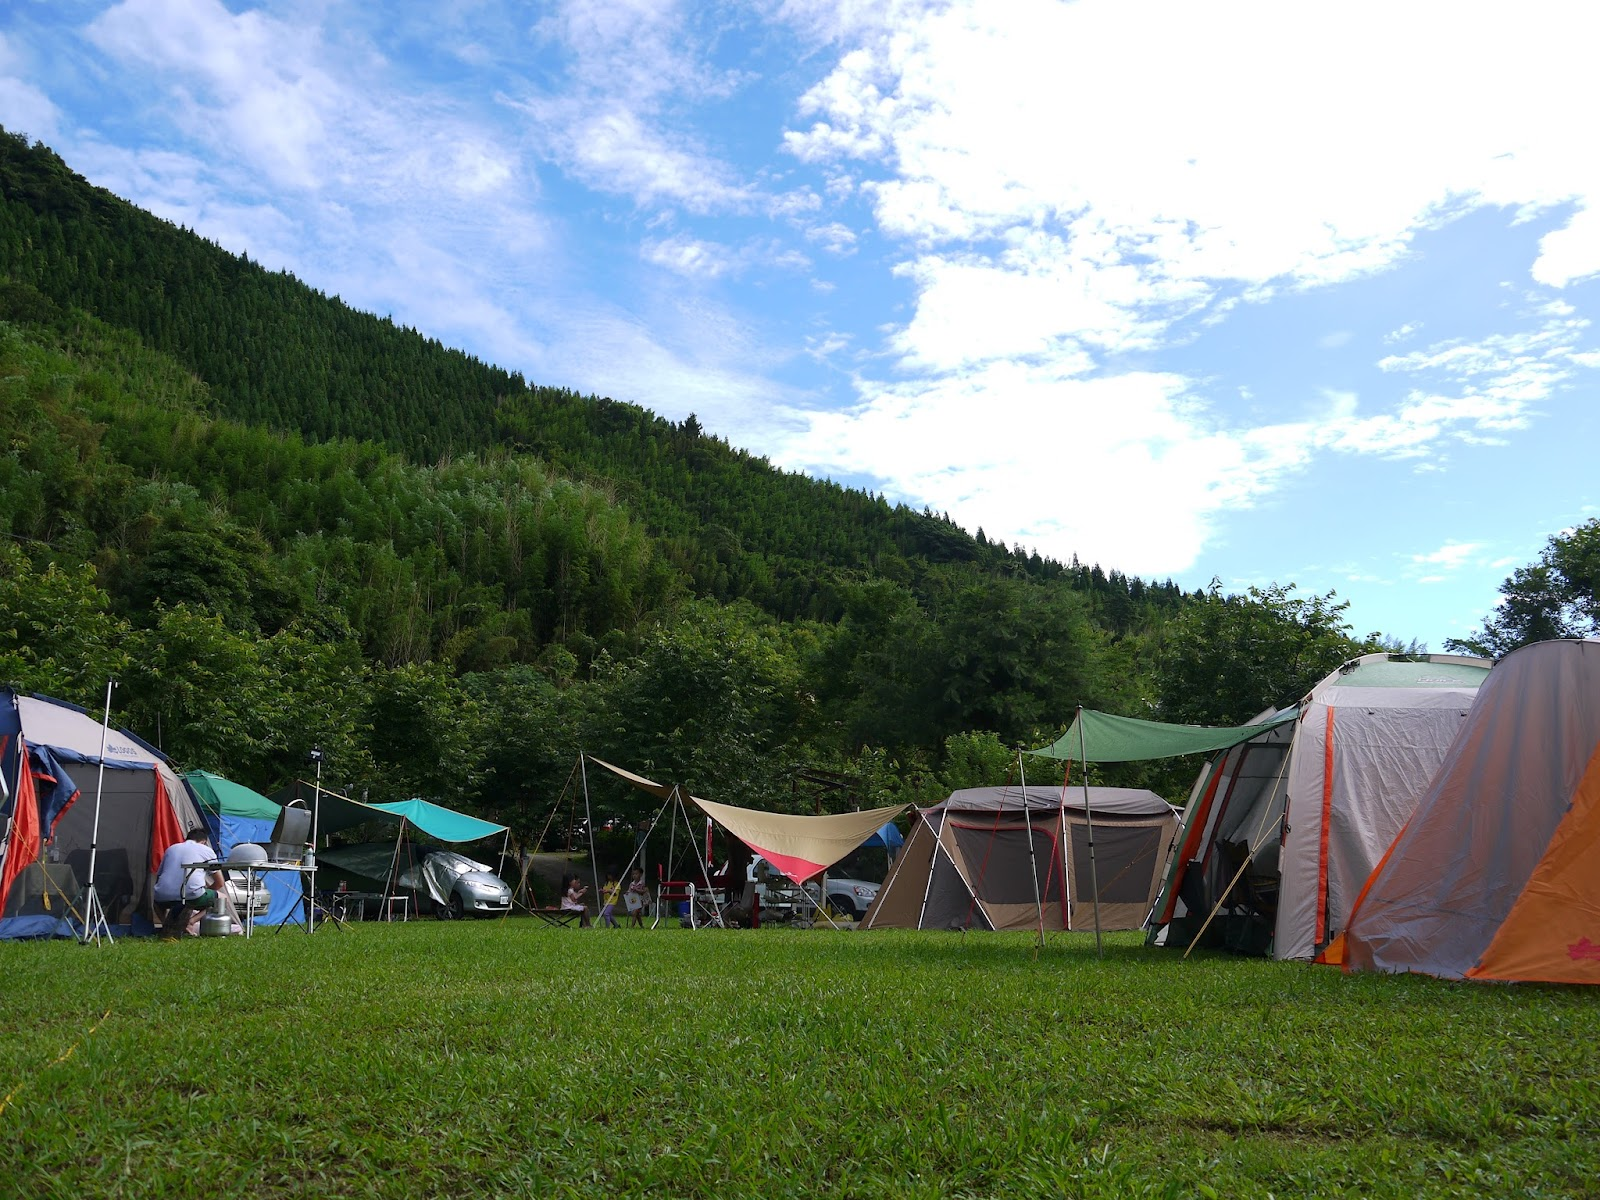 走出戶外去探險: 2012 06 09-10 再訪樂哈山